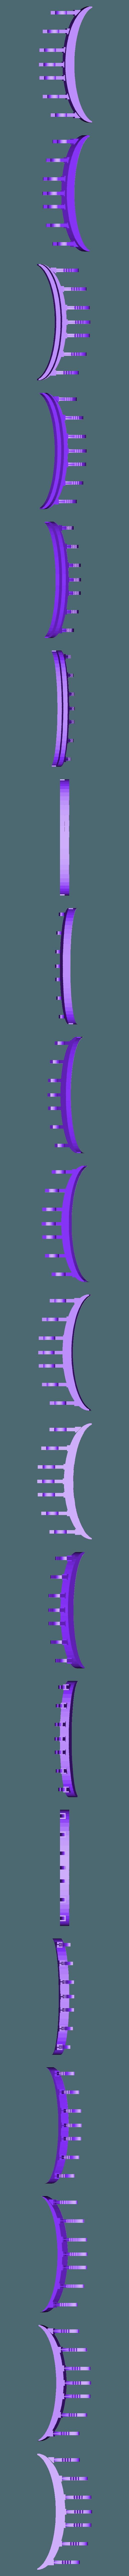 Mega_gargant_front_spikes_Simplified.stl Télécharger fichier STL gratuit Ork Mega Gargant Epic 40k proxy model 6mm Titanicus • Modèle pour imprimante 3D, redstarkits